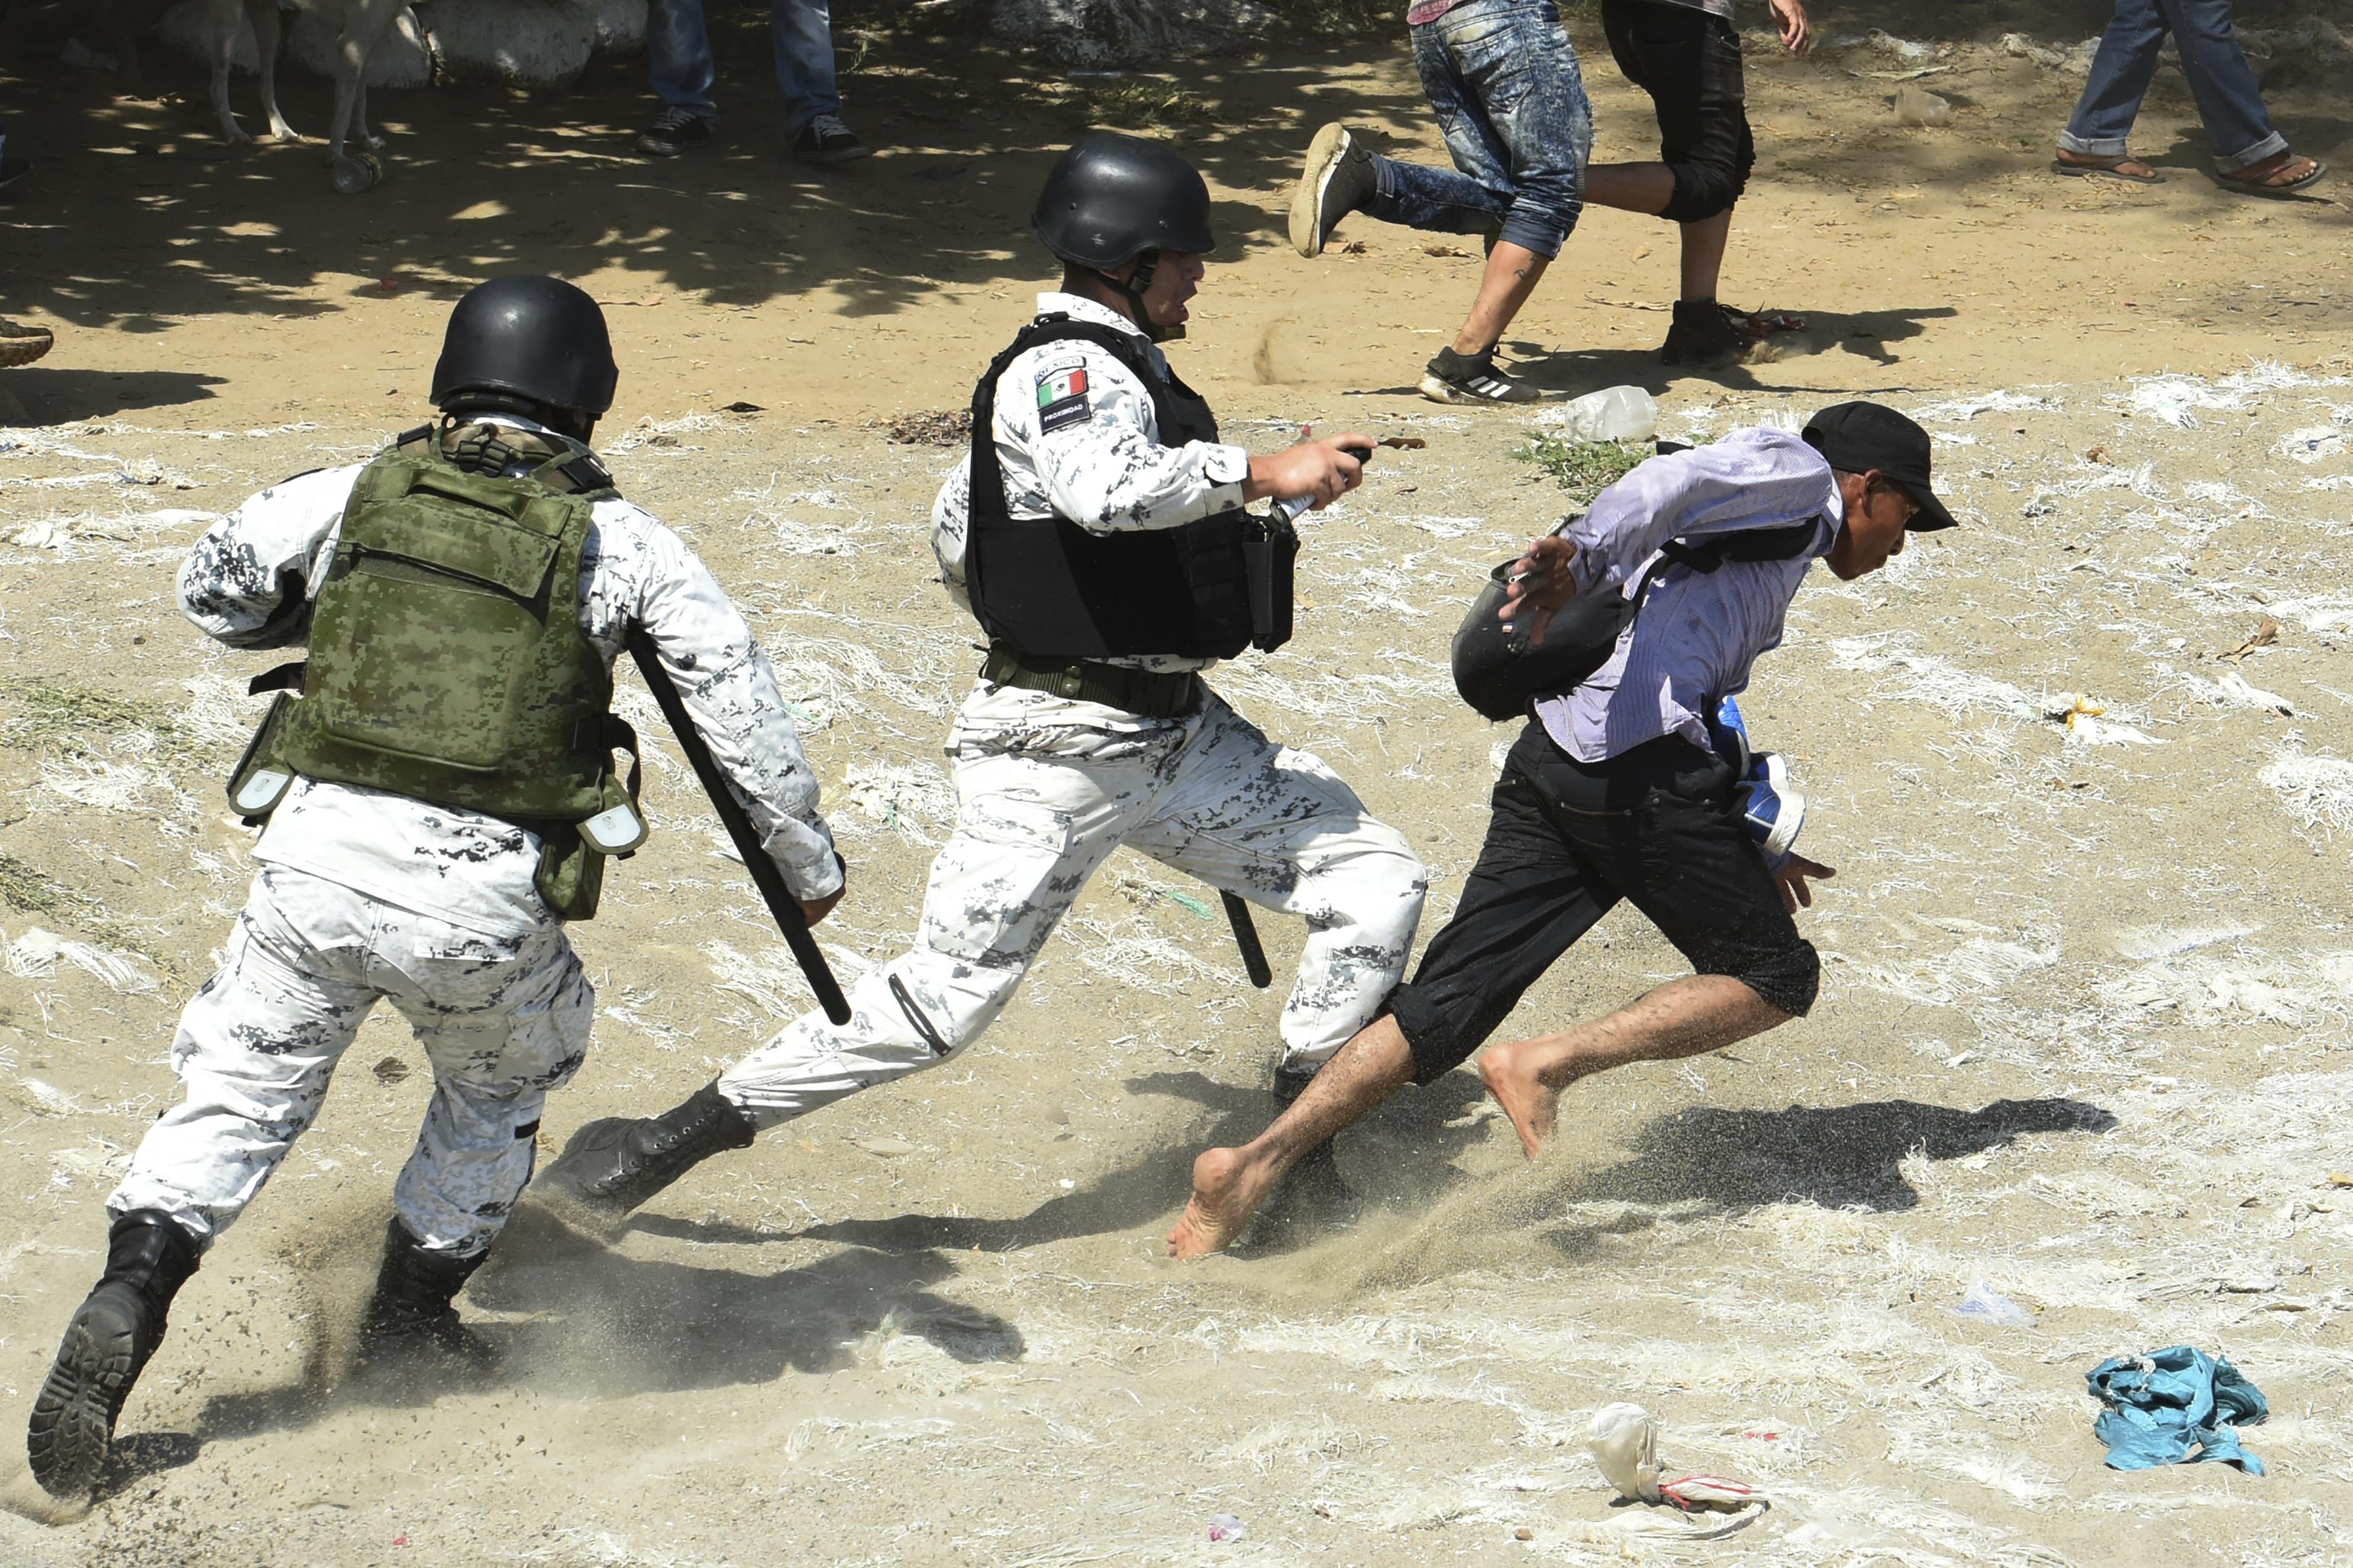 Cientos de migrantes intentaron cruzar la frontera a la fuerza por lo que los elementos de la Guardia Nacional intentaron detenerlos (Foto: Johan Ordoñez/AFP)